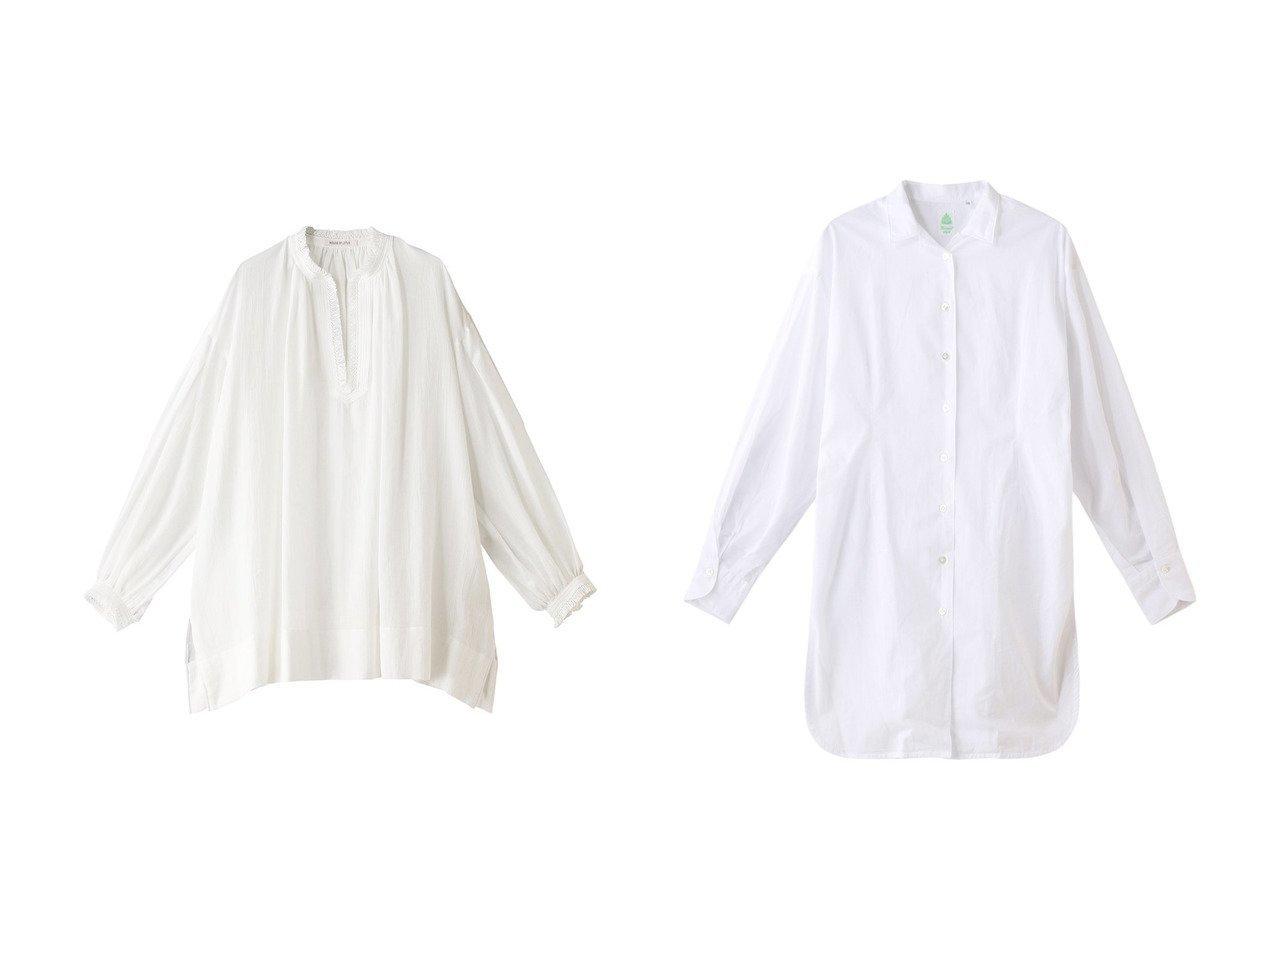 【Chaos/カオス】の【Finamore】 GISELLEシャツ&【HOUSE OF LOTUS/ハウス オブ ロータス】のフリンジペザントブラウス 【トップス・カットソー】おすすめ!人気、トレンド・レディースファッションの通販 おすすめファッション通販アイテム インテリア・キッズ・メンズ・レディースファッション・服の通販 founy(ファニー)  ファッション Fashion レディースファッション WOMEN トップス・カットソー Tops/Tshirt シャツ/ブラウス Shirts/Blouses スリット スリーブ チュニック フリンジ ロング ホワイト系 White ブルー系 Blue グレー系 Gray |ID:crp329100000037711